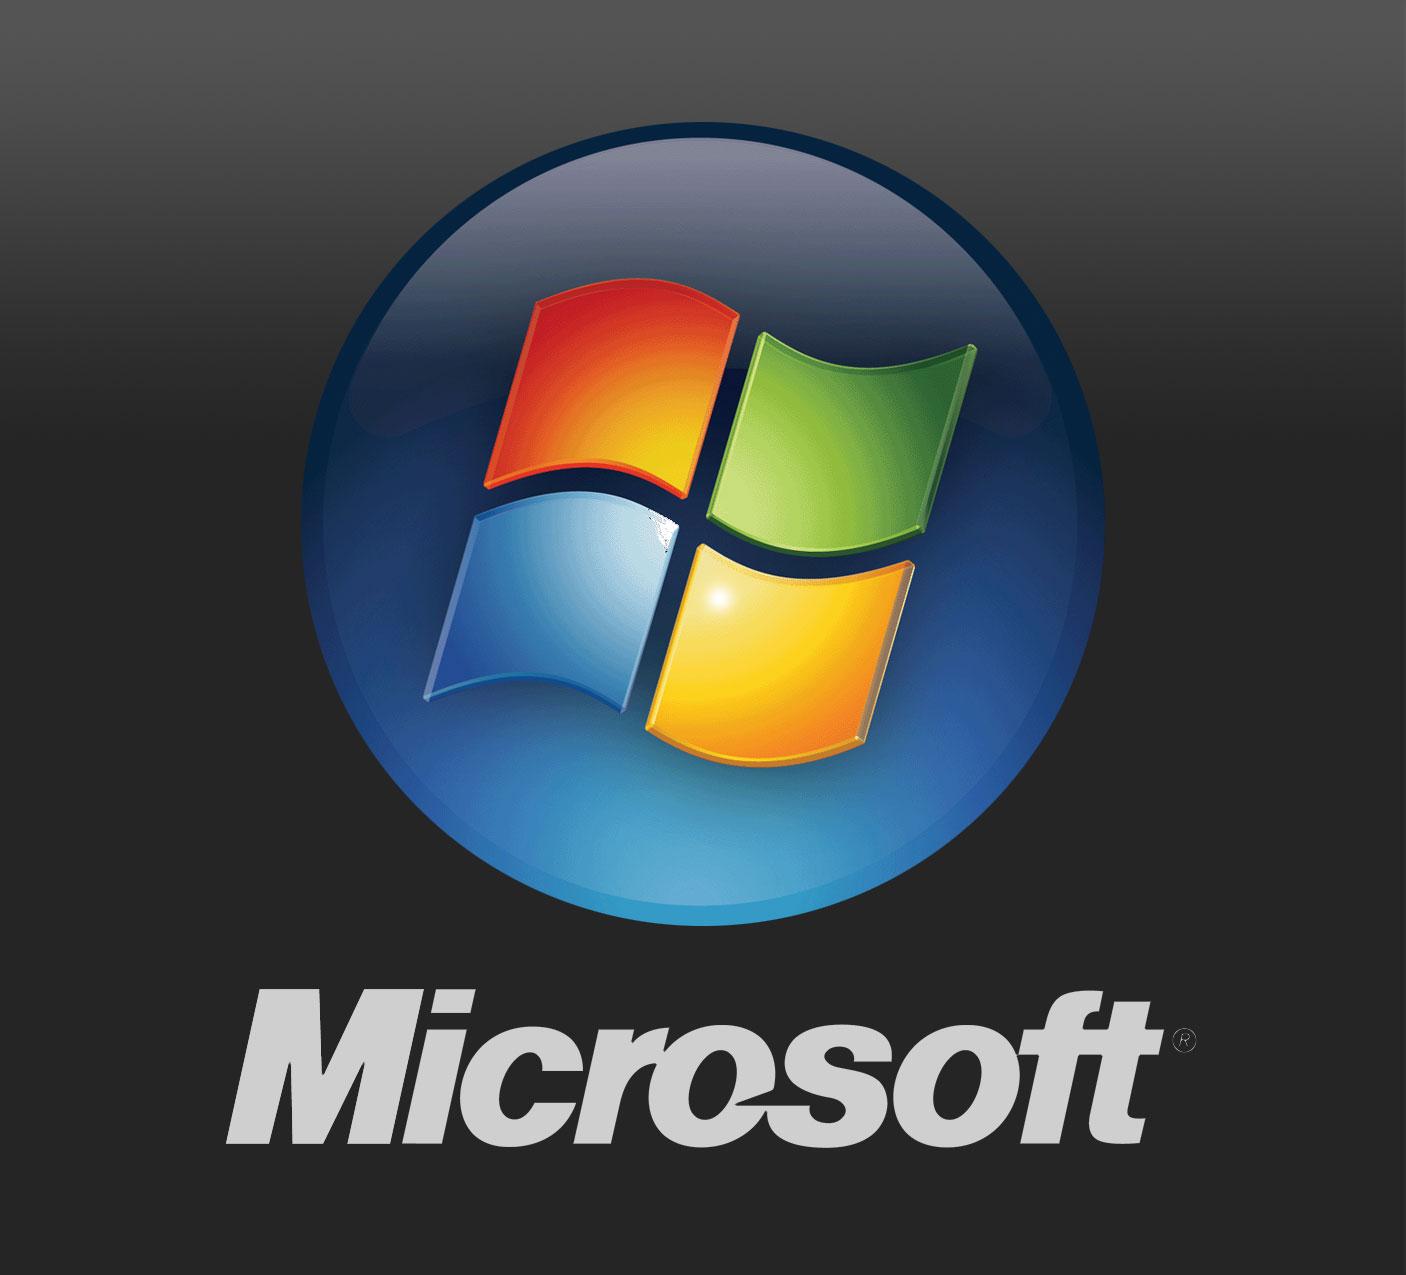 Microsoft Office Word 2007 На Русском Скачать Бесплатно